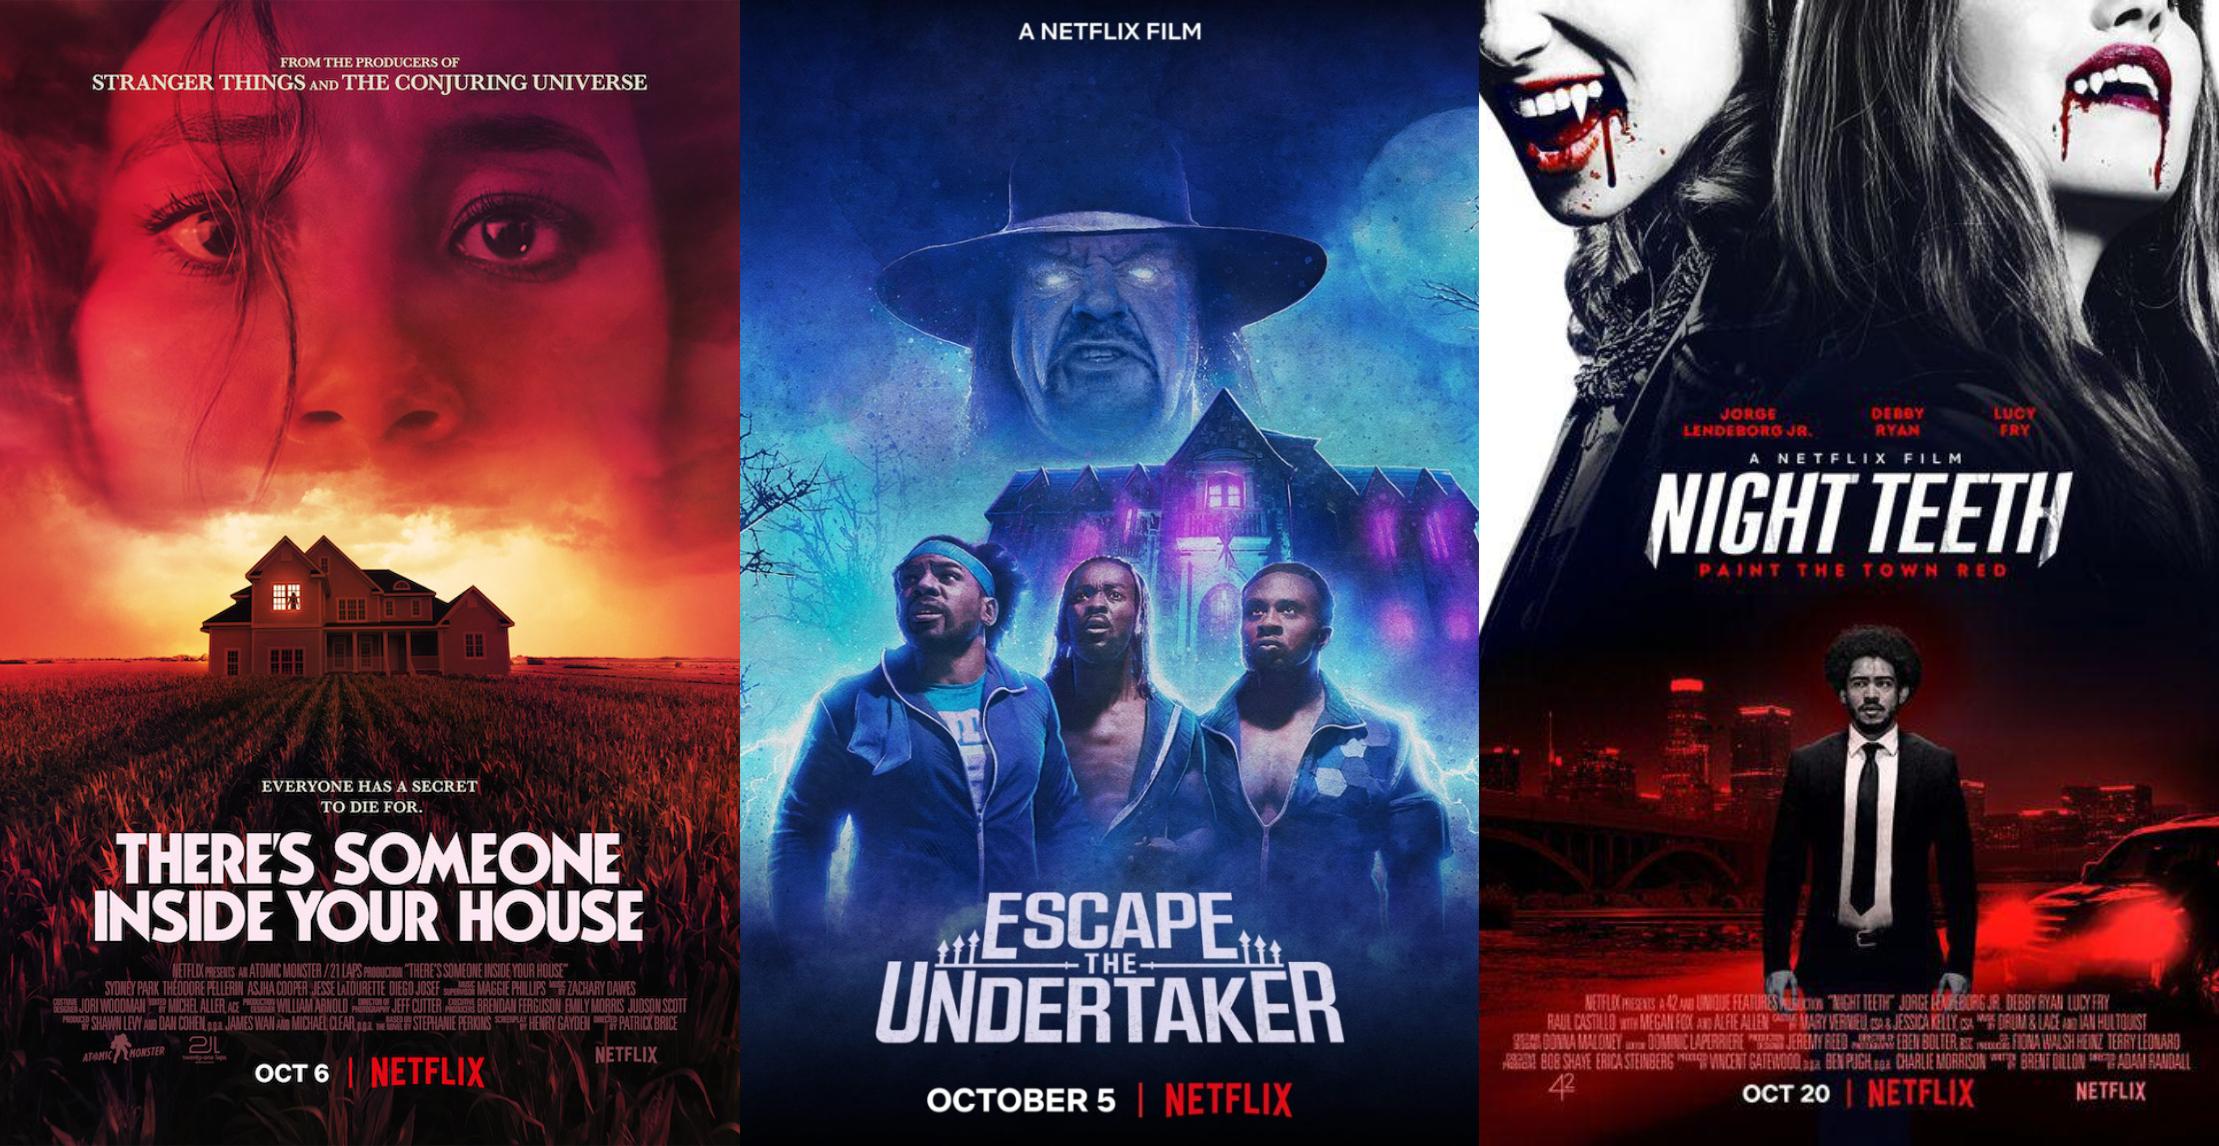 Netflix: 10 estrenos de terror y suspenso que nos ofrece la plataforma este mes